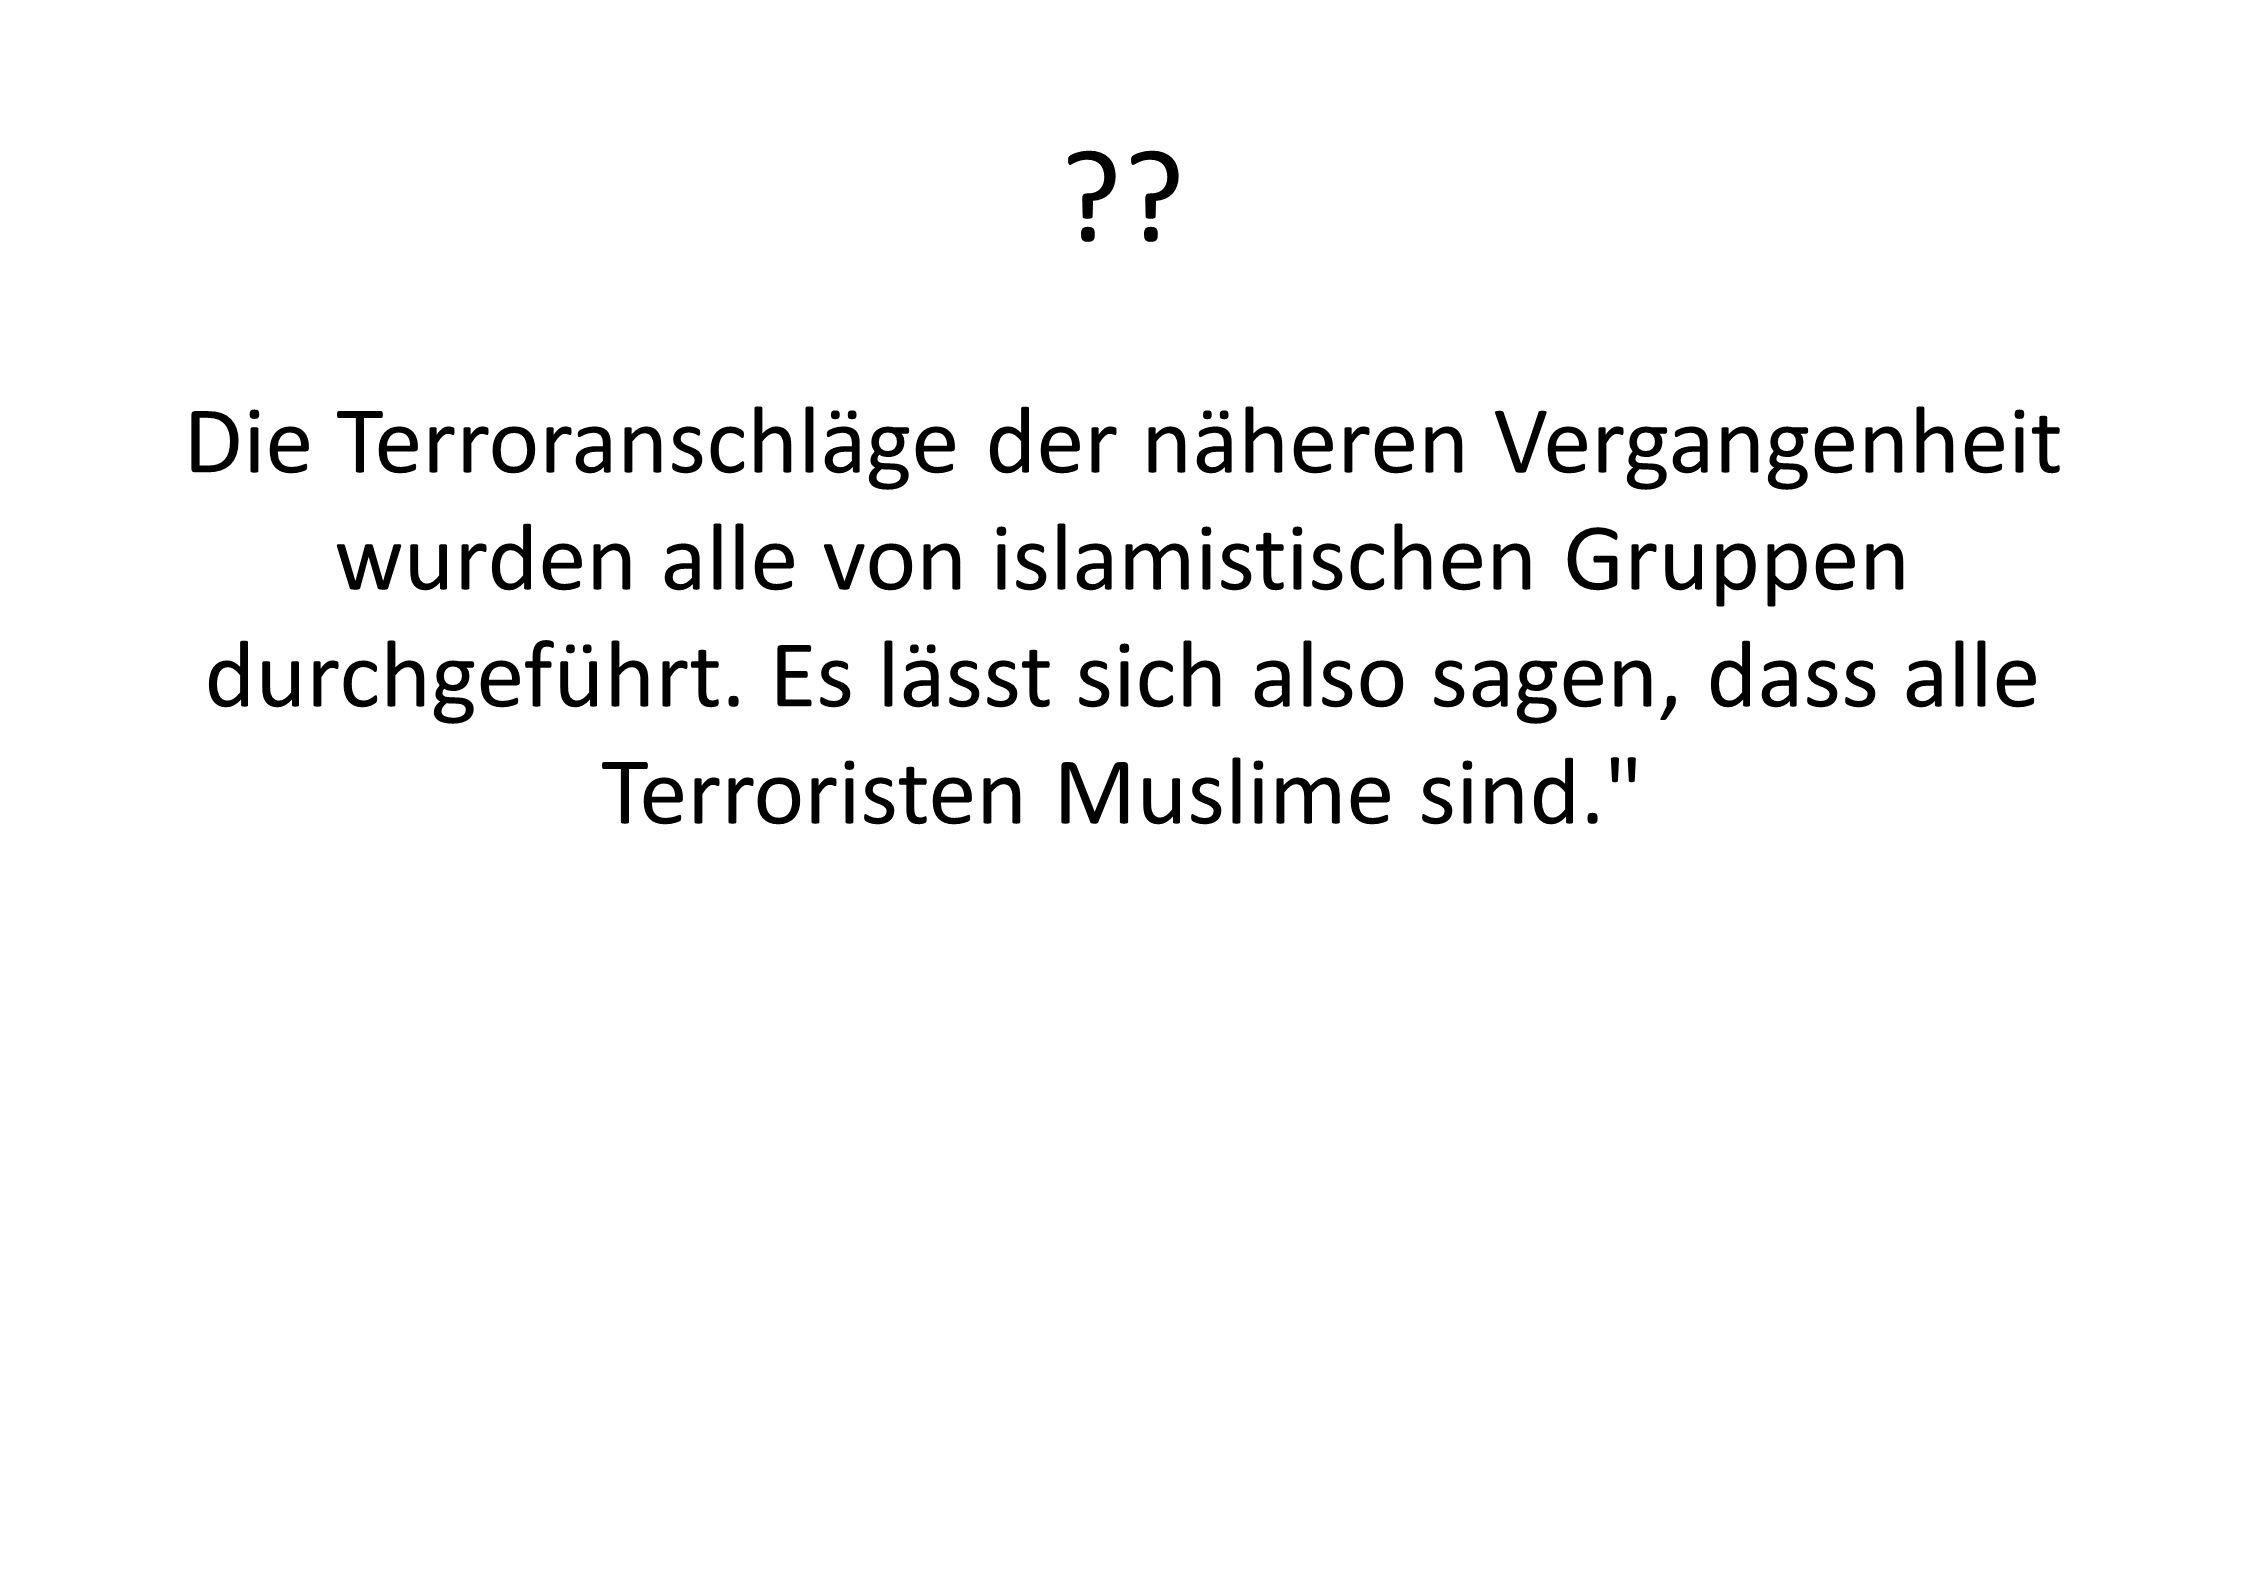 ?? Die Terroranschläge der näheren Vergangenheit wurden alle von islamistischen Gruppen durchgeführt. Es lässt sich also sagen, dass alle Terroristen